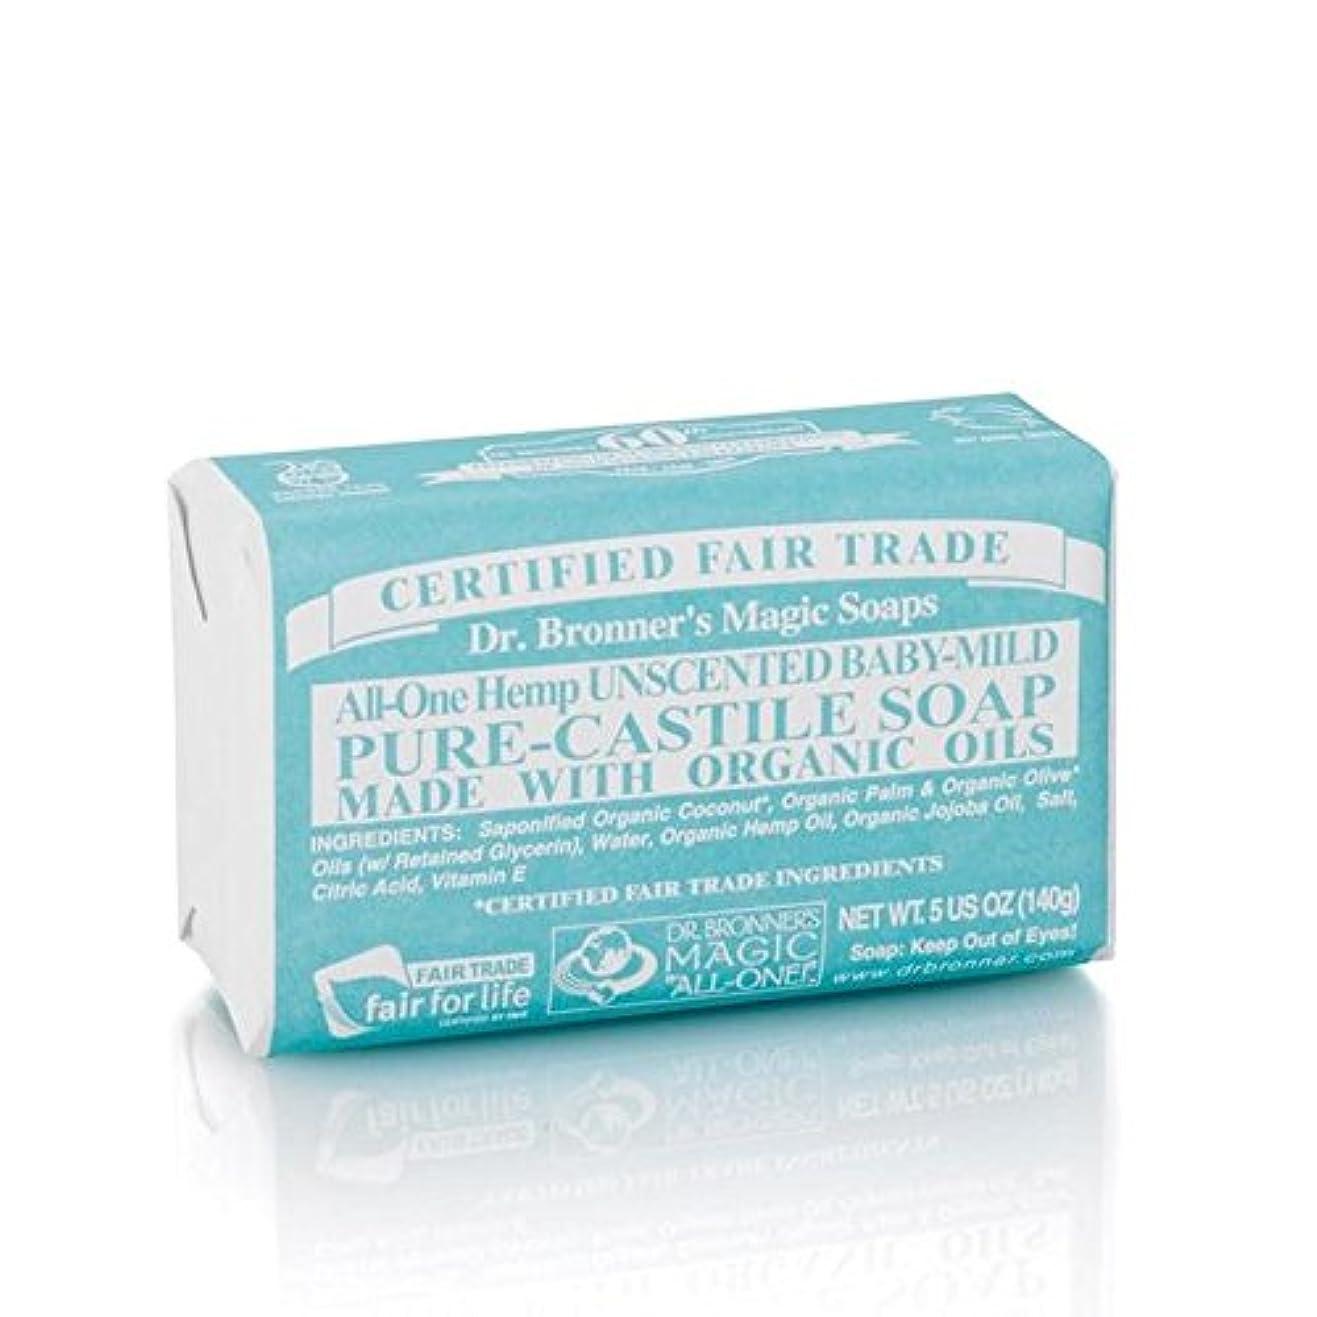 差し控えるシロクマメロドラマのブロナーオーガニックベビーマイルドソープバー140グラム x4 - Dr Bronner Organic Baby Mild Soap Bar 140g (Pack of 4) [並行輸入品]